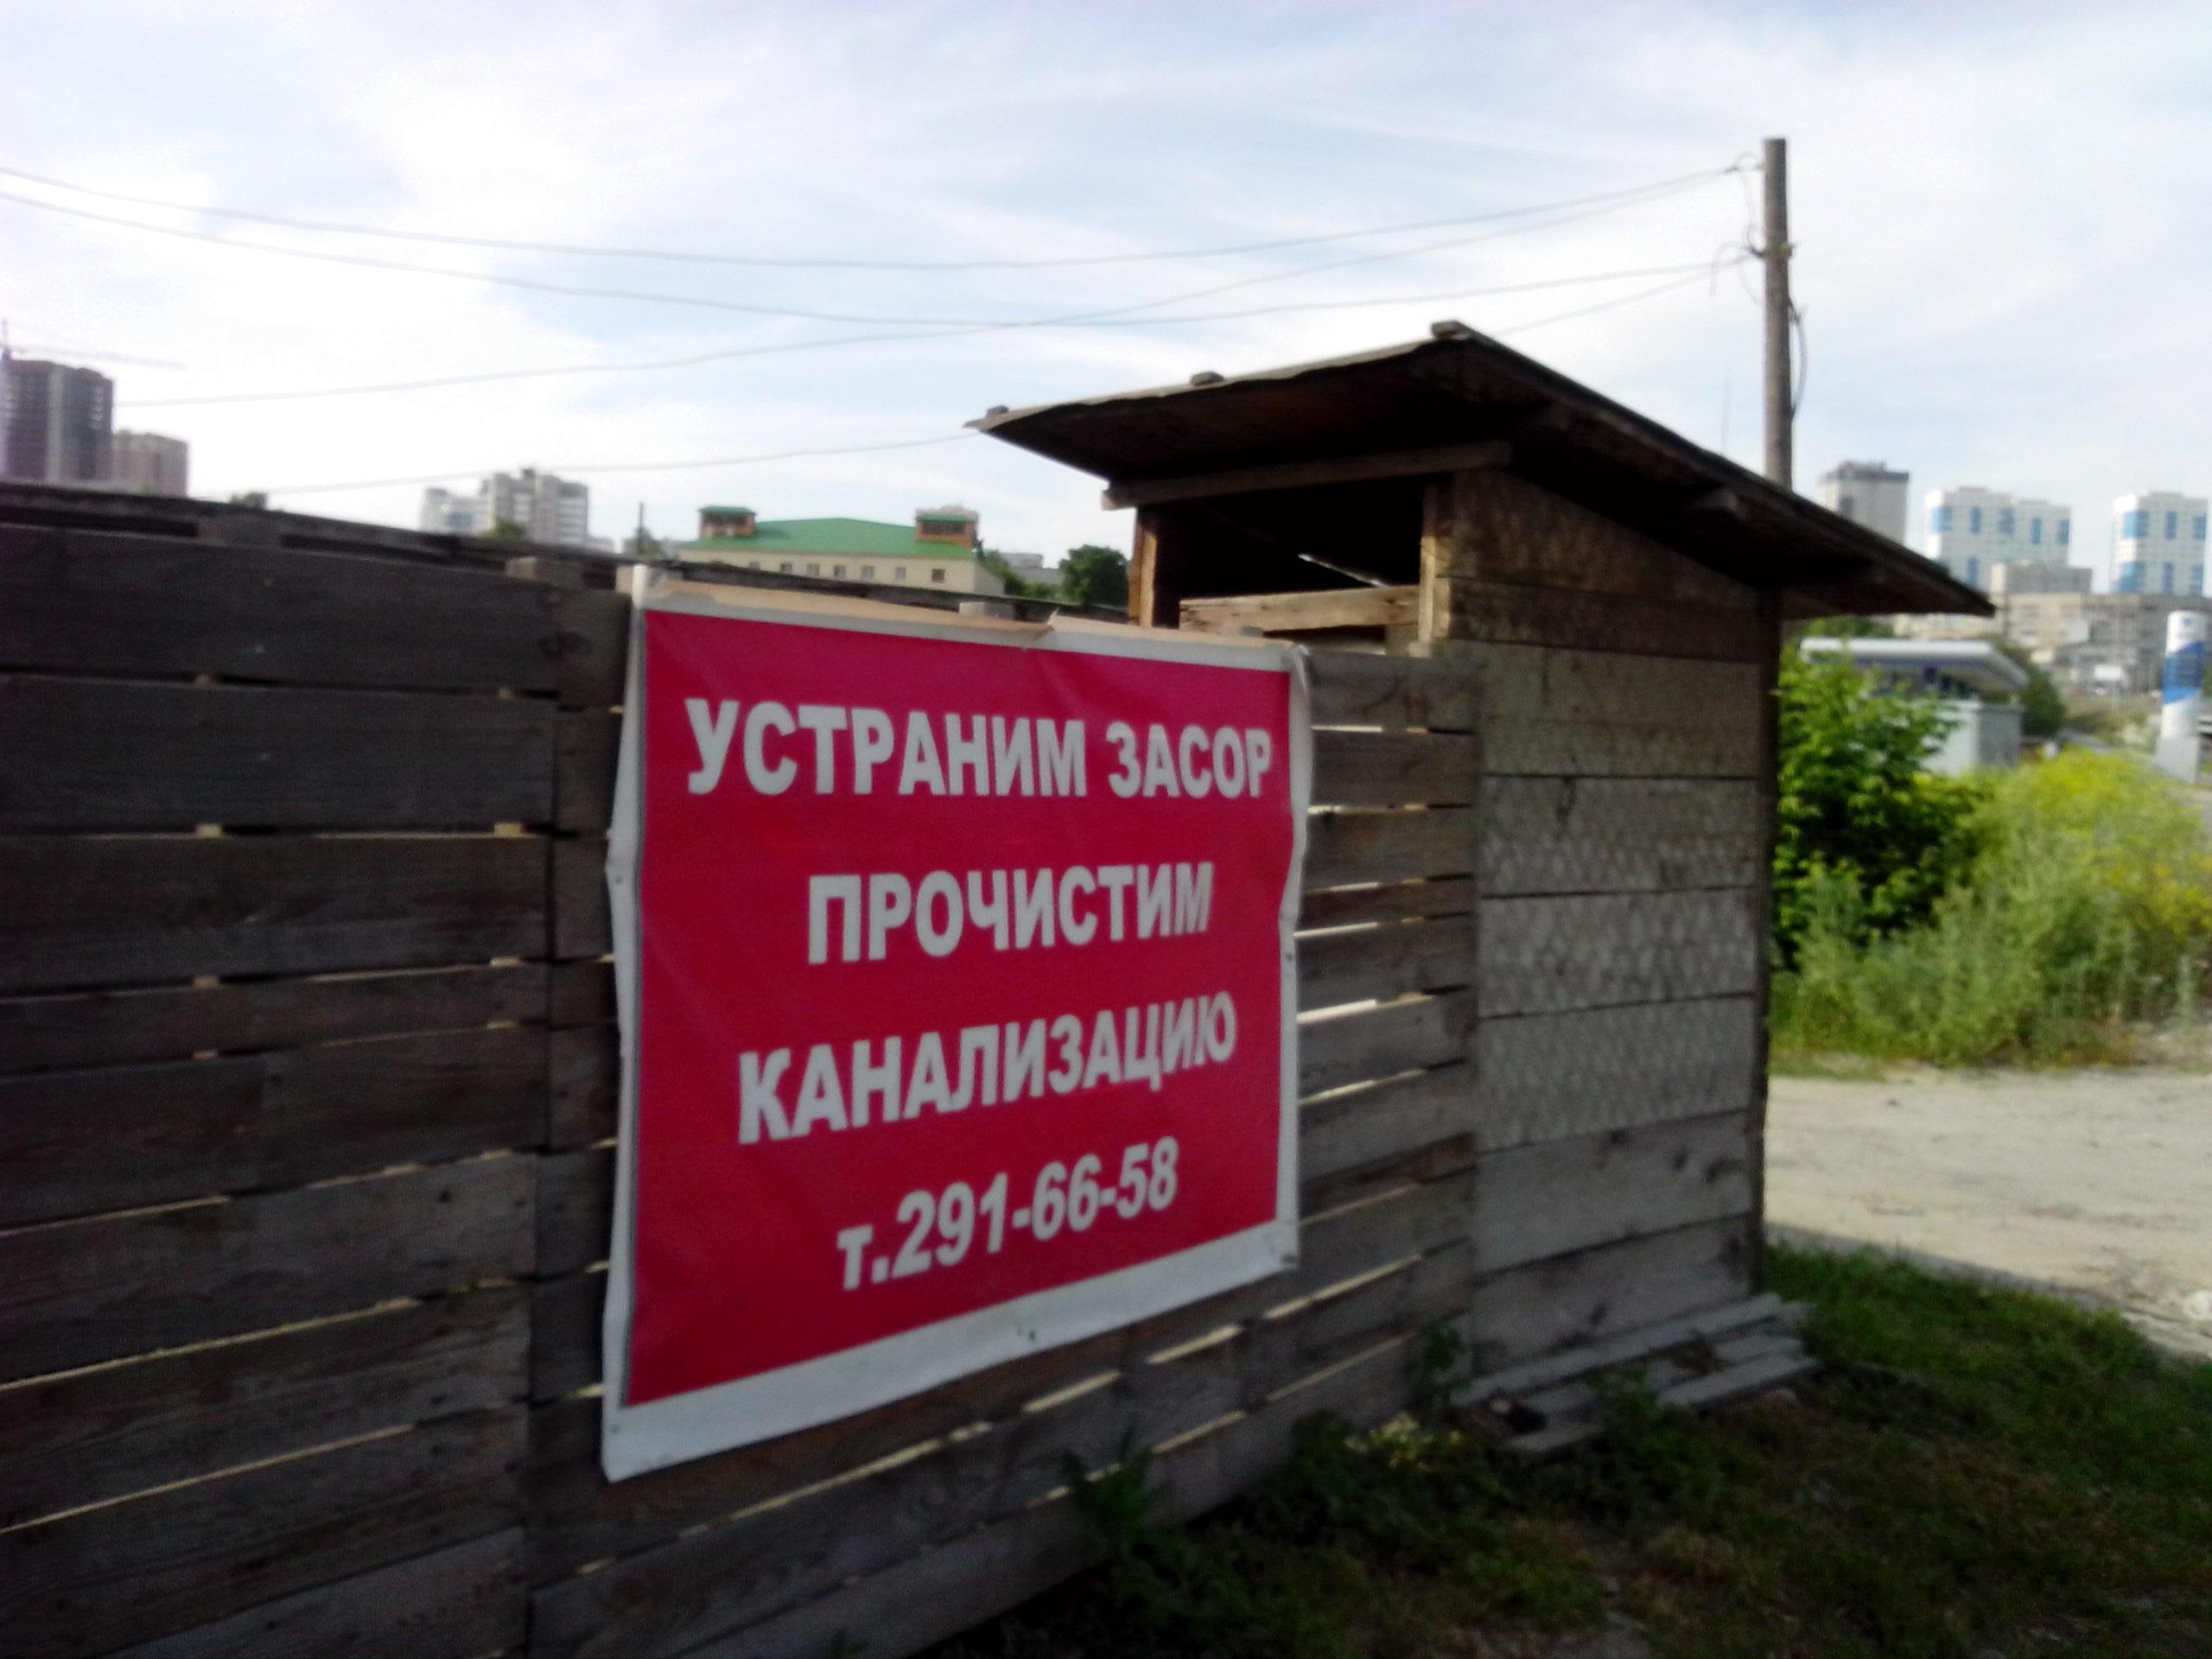 http://se.uploads.ru/GROht.jpg